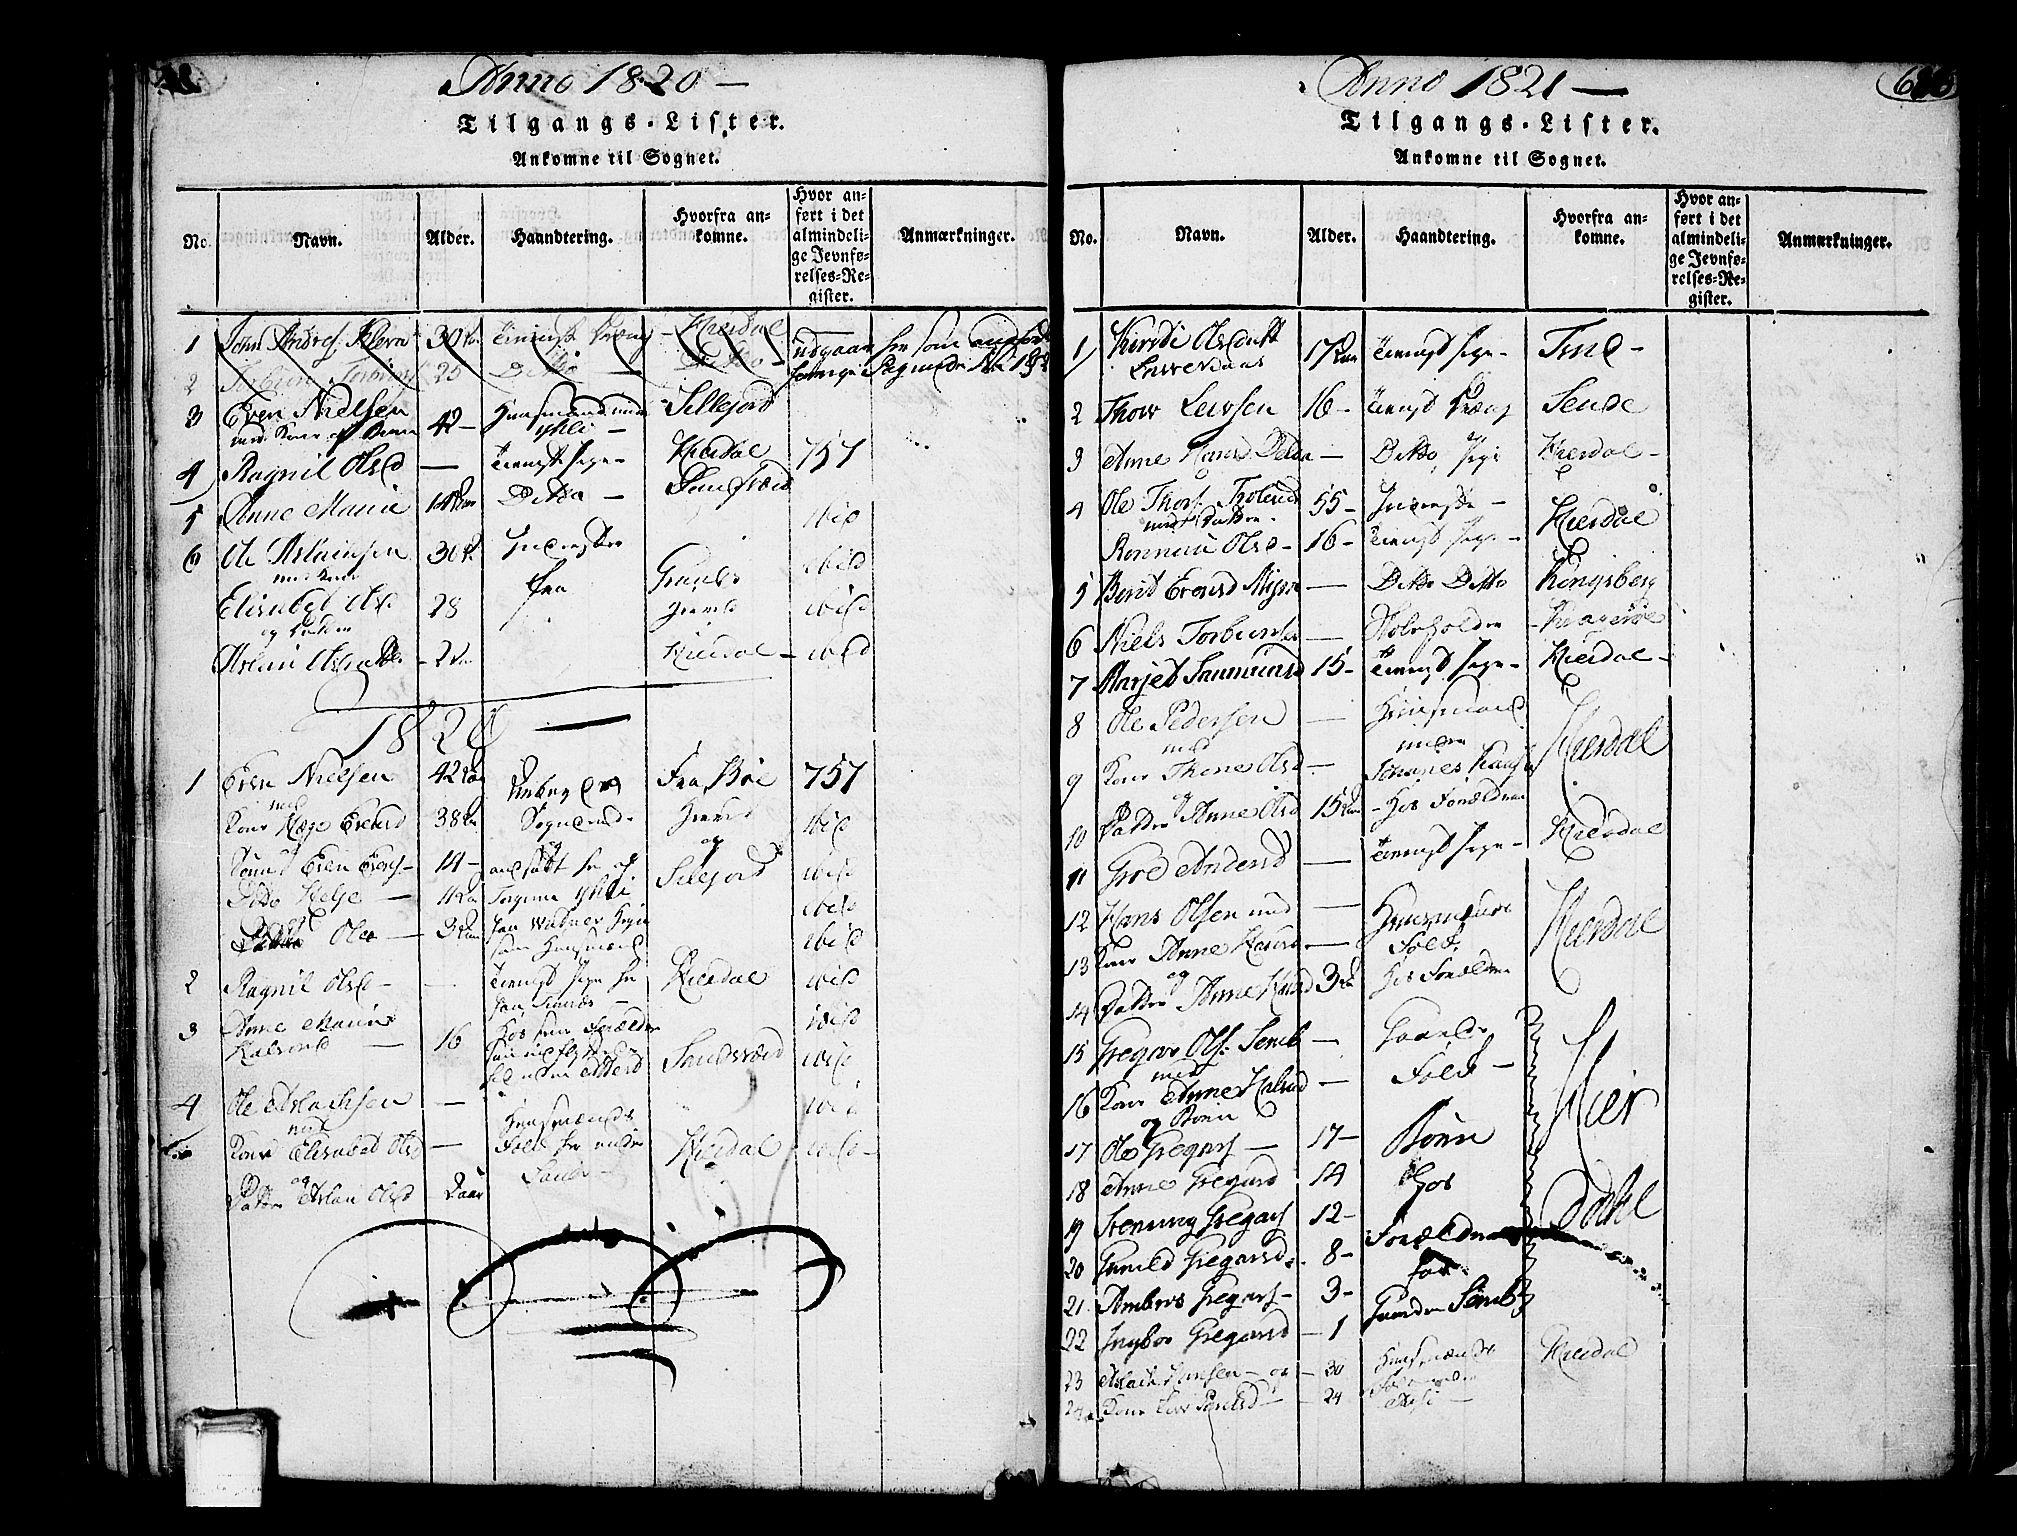 SAKO, Heddal kirkebøker, F/Fa/L0005: Ministerialbok nr. I 5, 1814-1837, s. 625-626